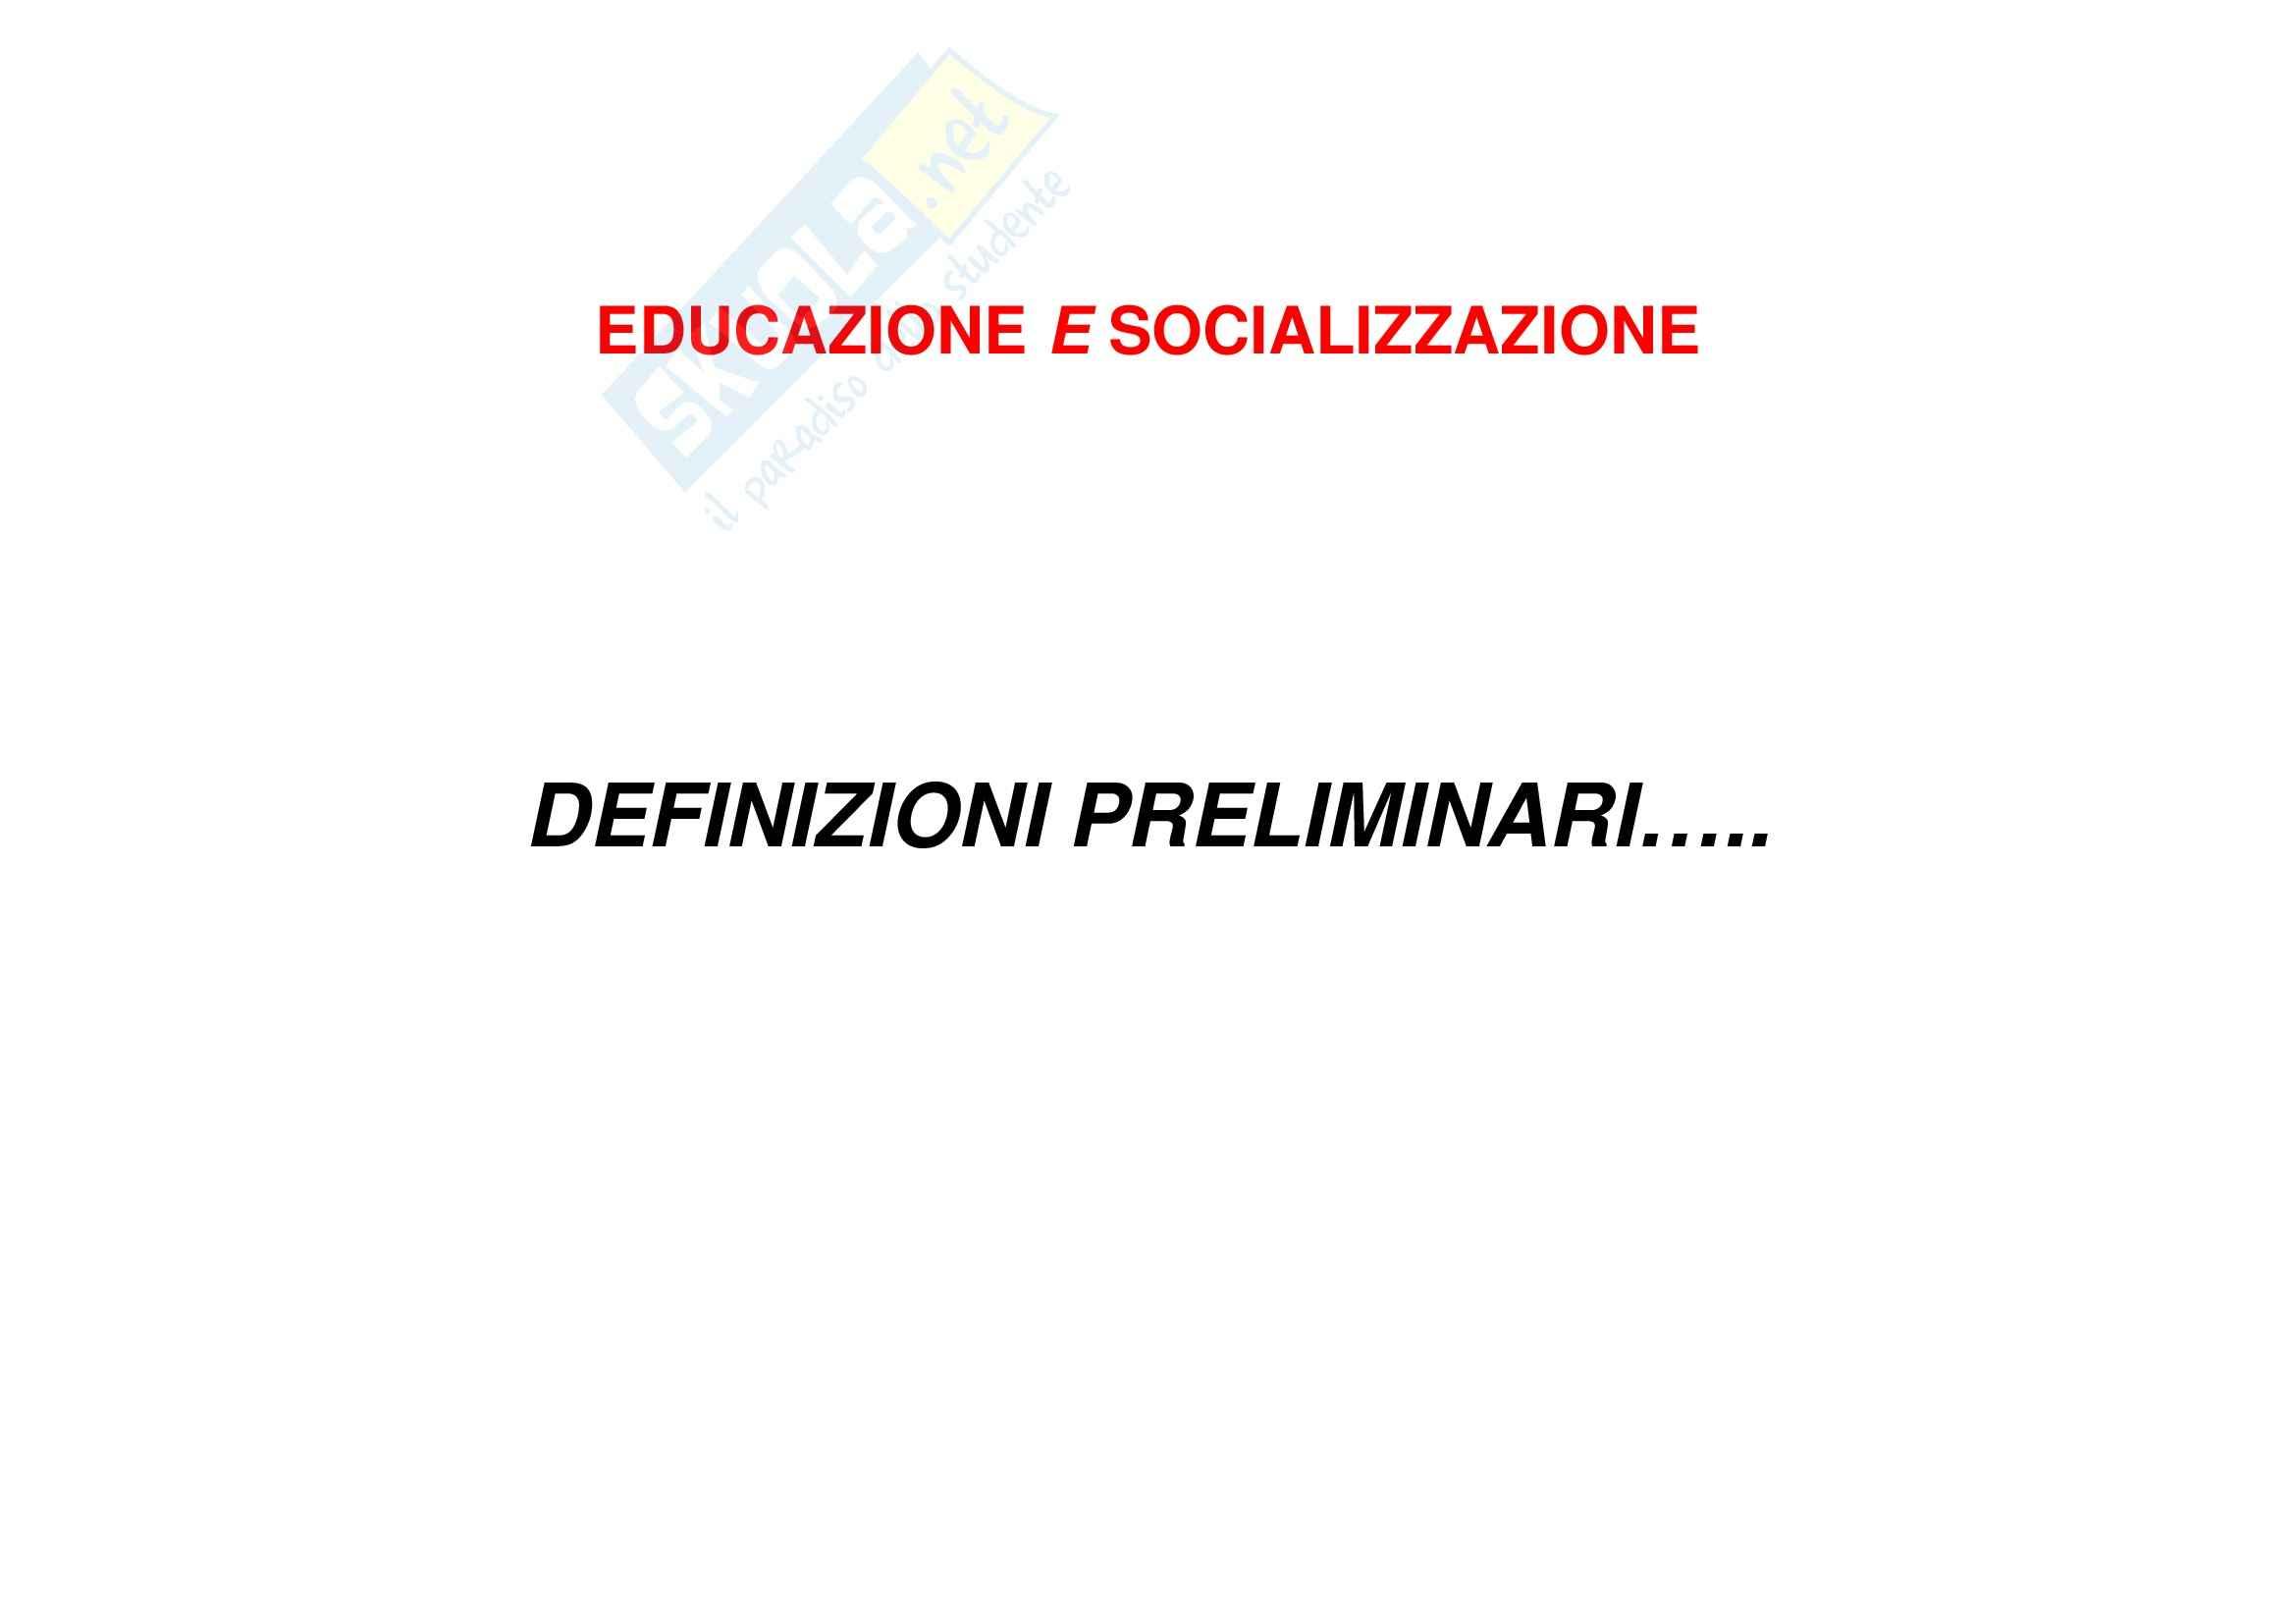 Educazione e socializzazione